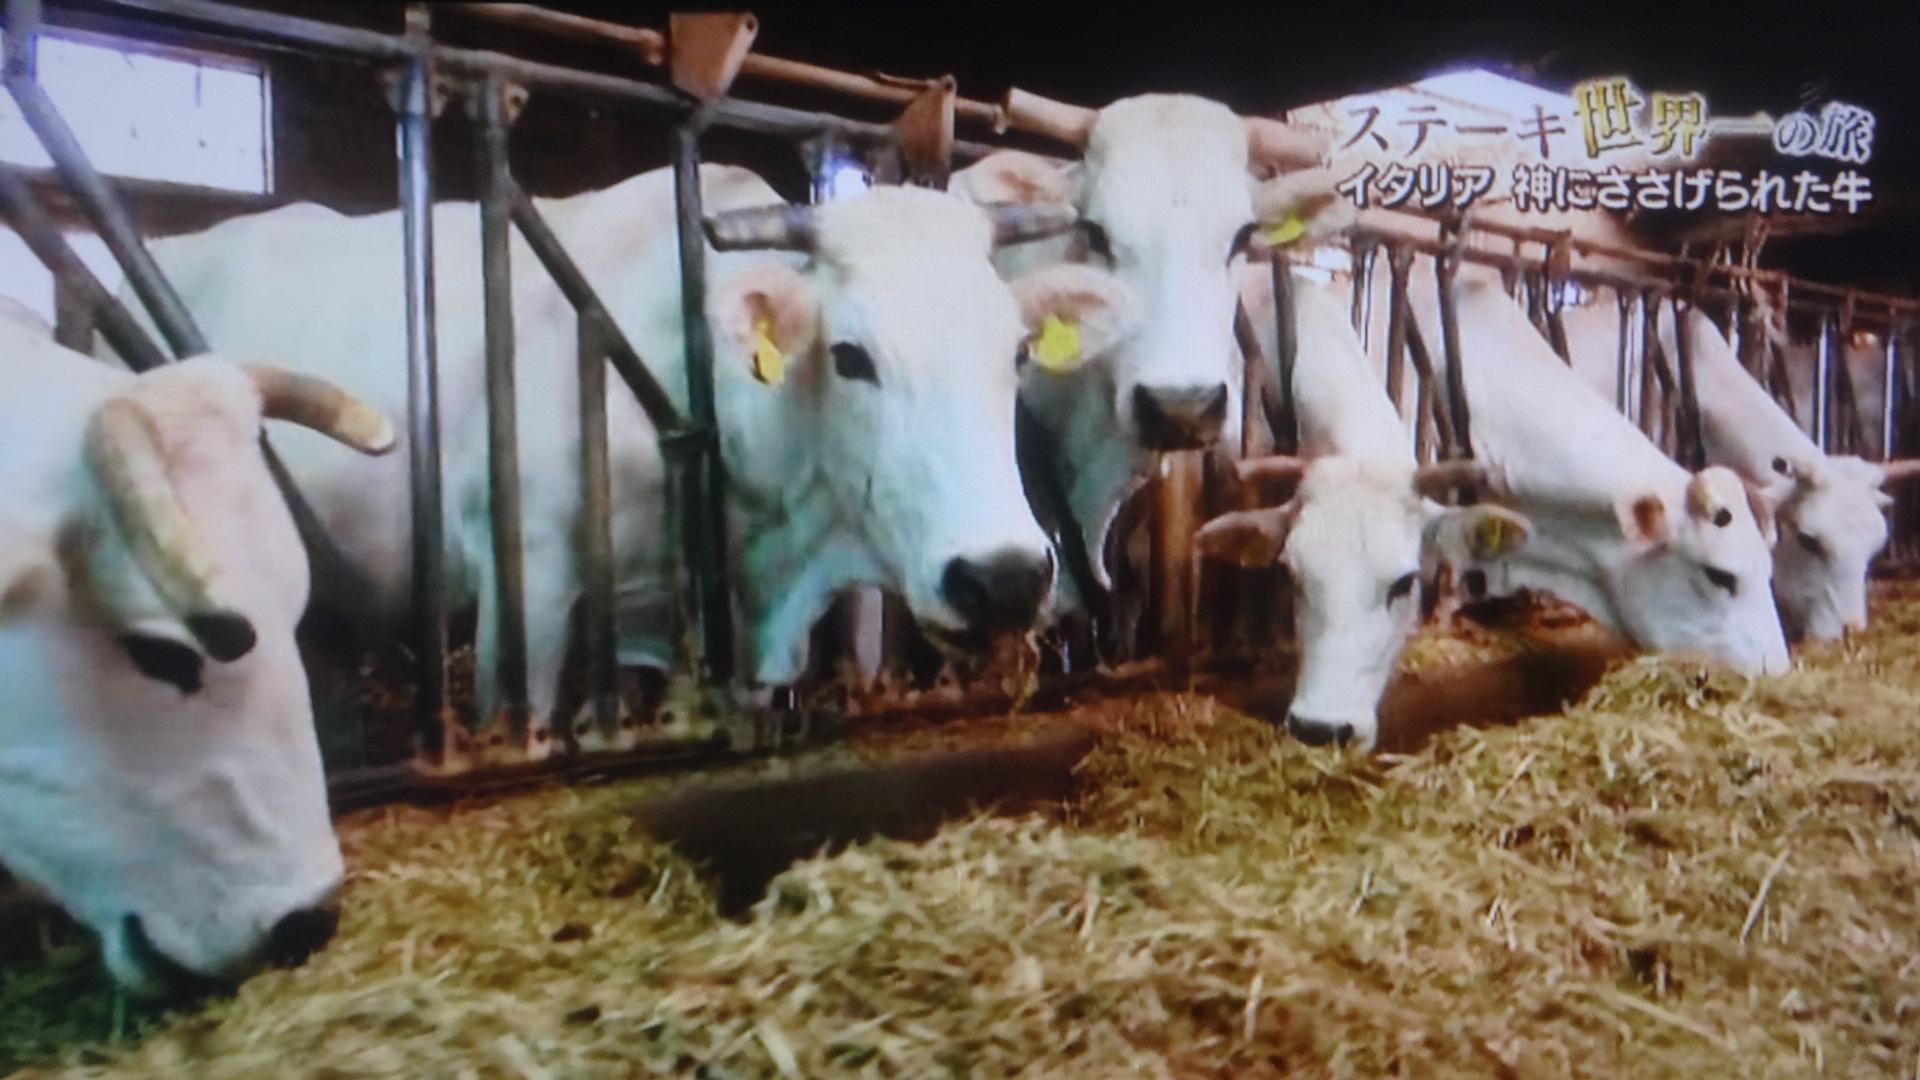 地元の牧草を食べるキアニーナ牛